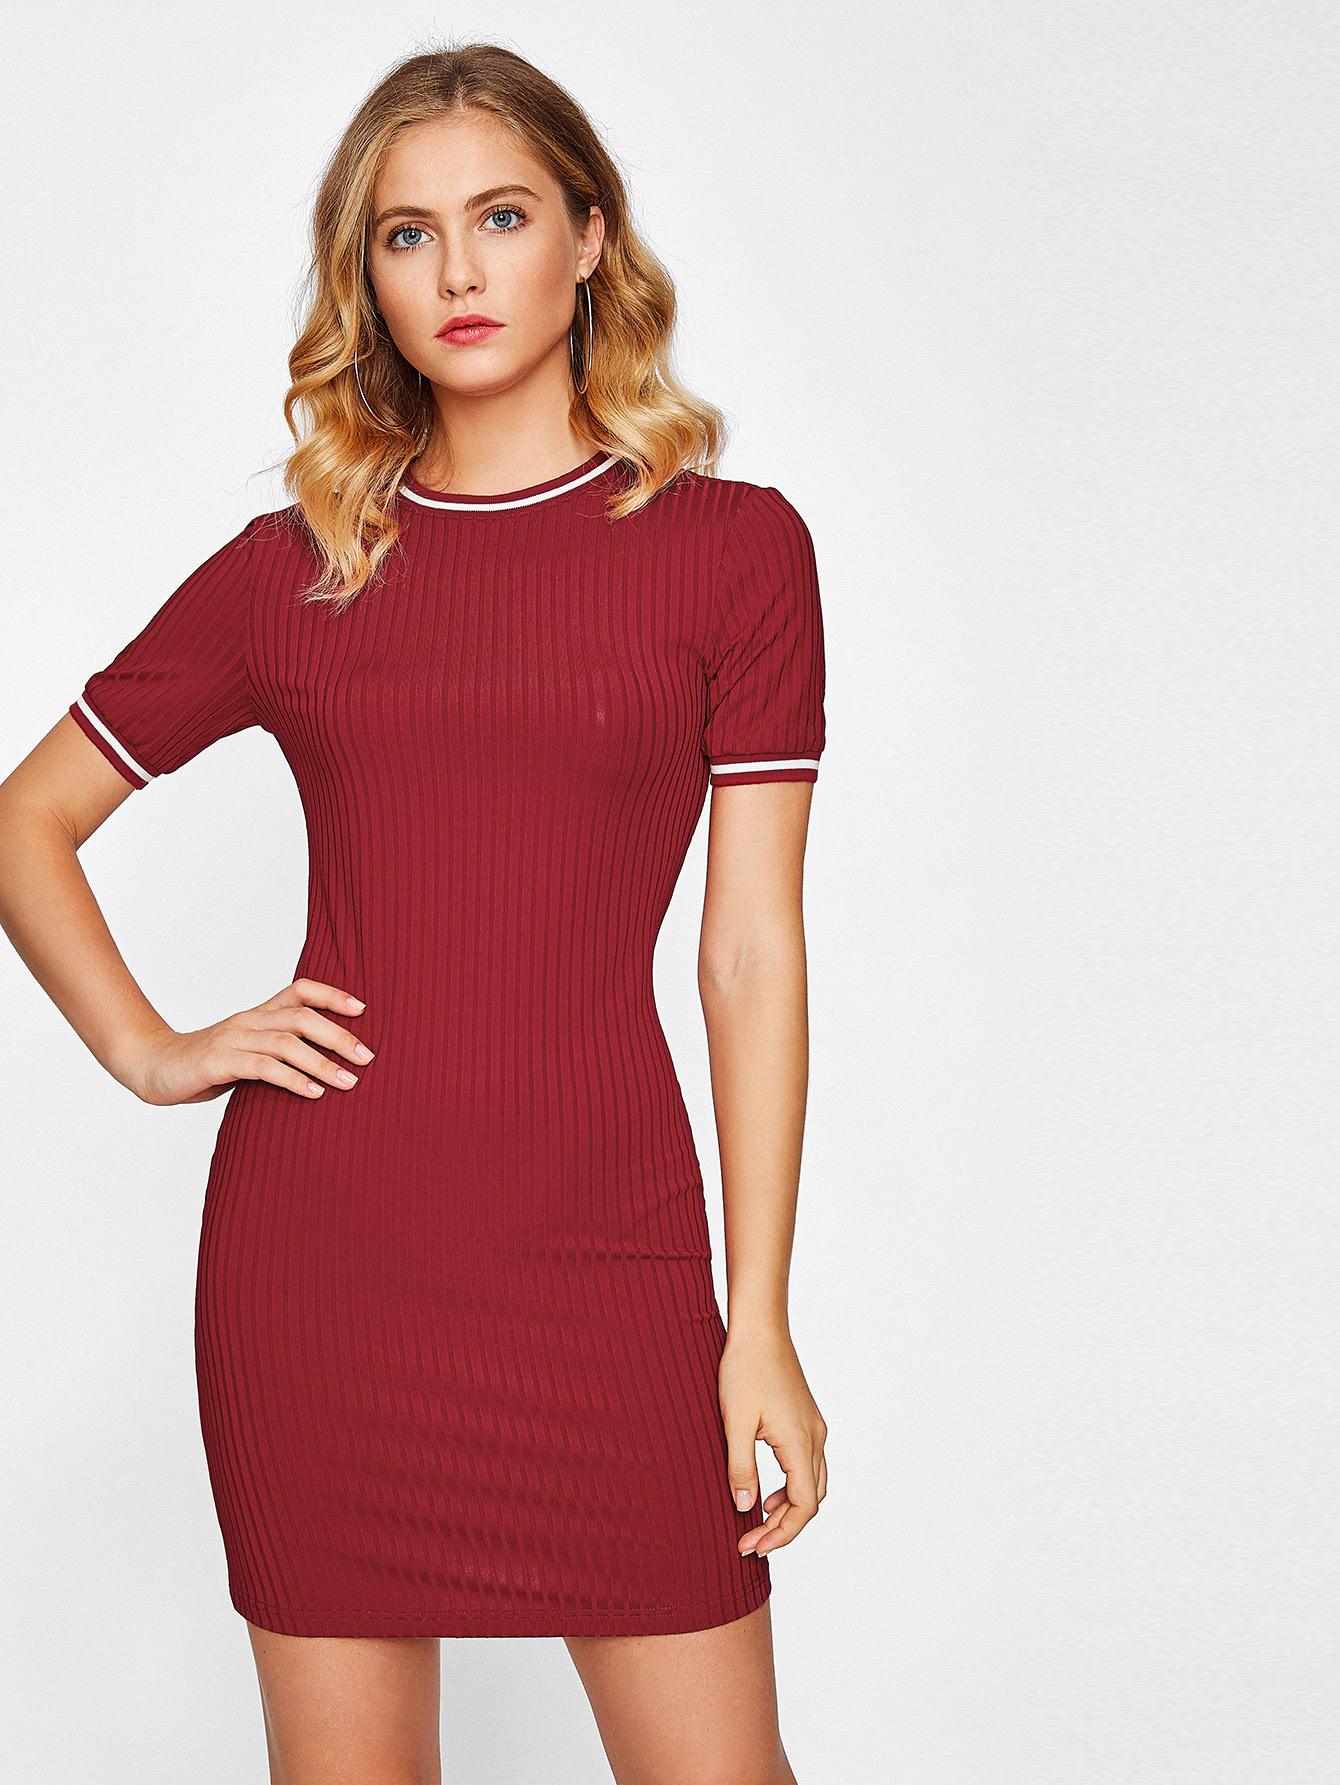 Striped Trim Rib Knit Dress dress170822709